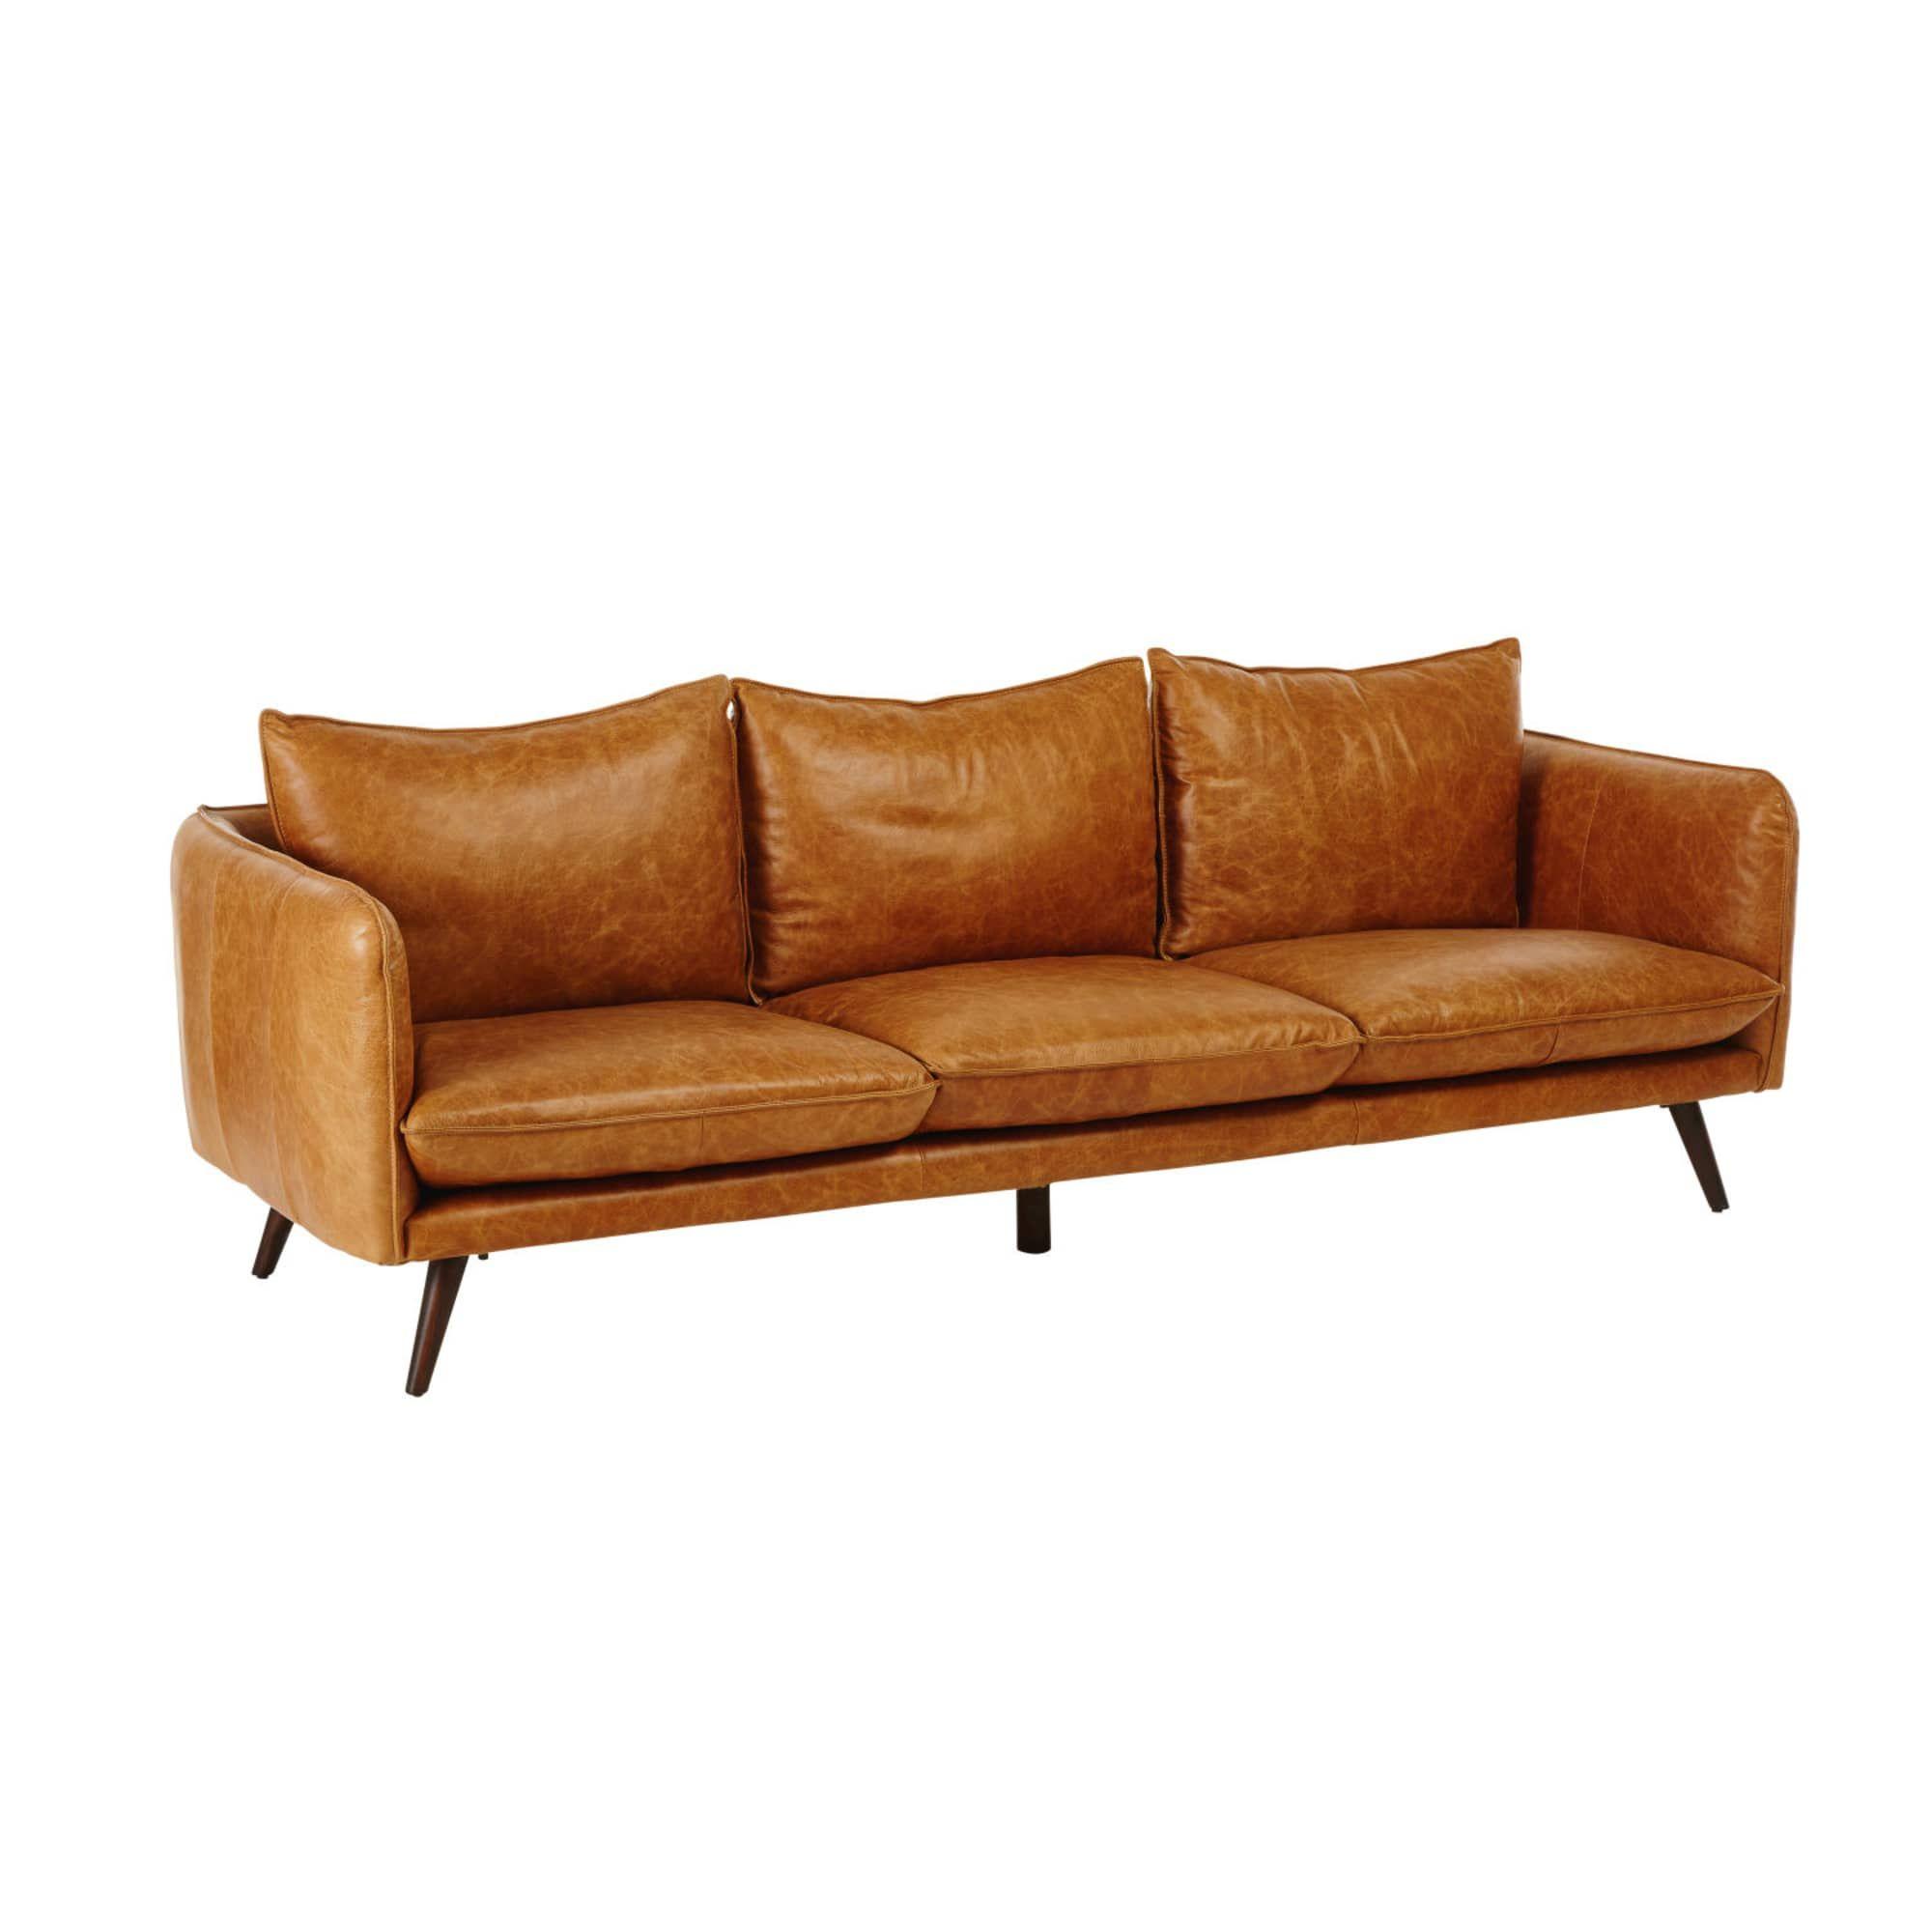 Dai un'occhiata ai nostri mobili e oggetti decorativi e fai i pieno di. Pin On Kitchen Detail